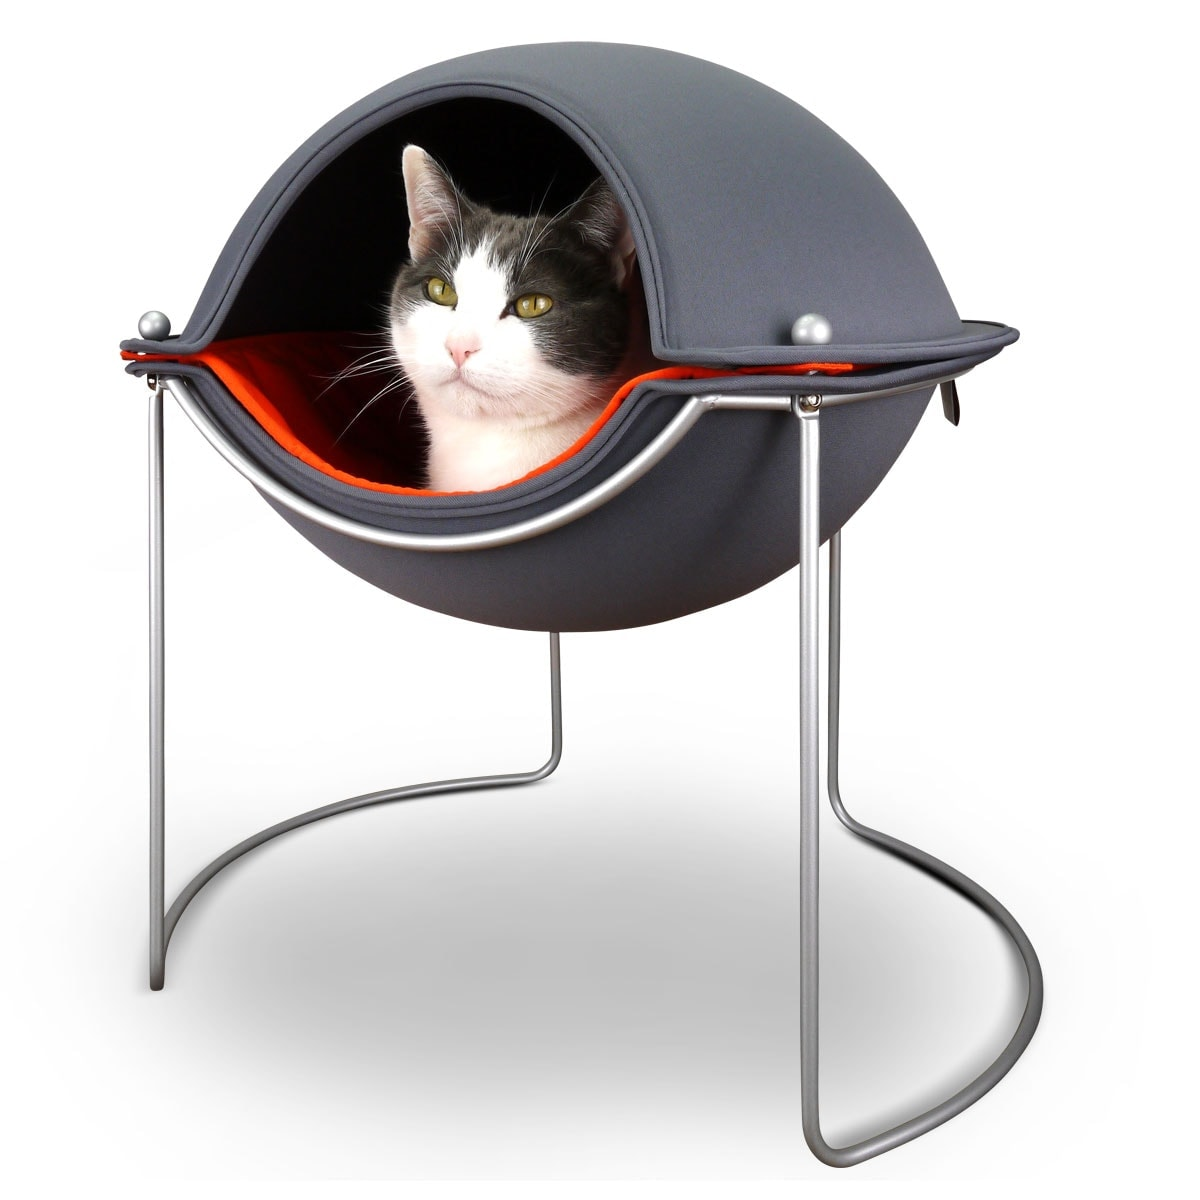 Hepper in her Pod cat bed